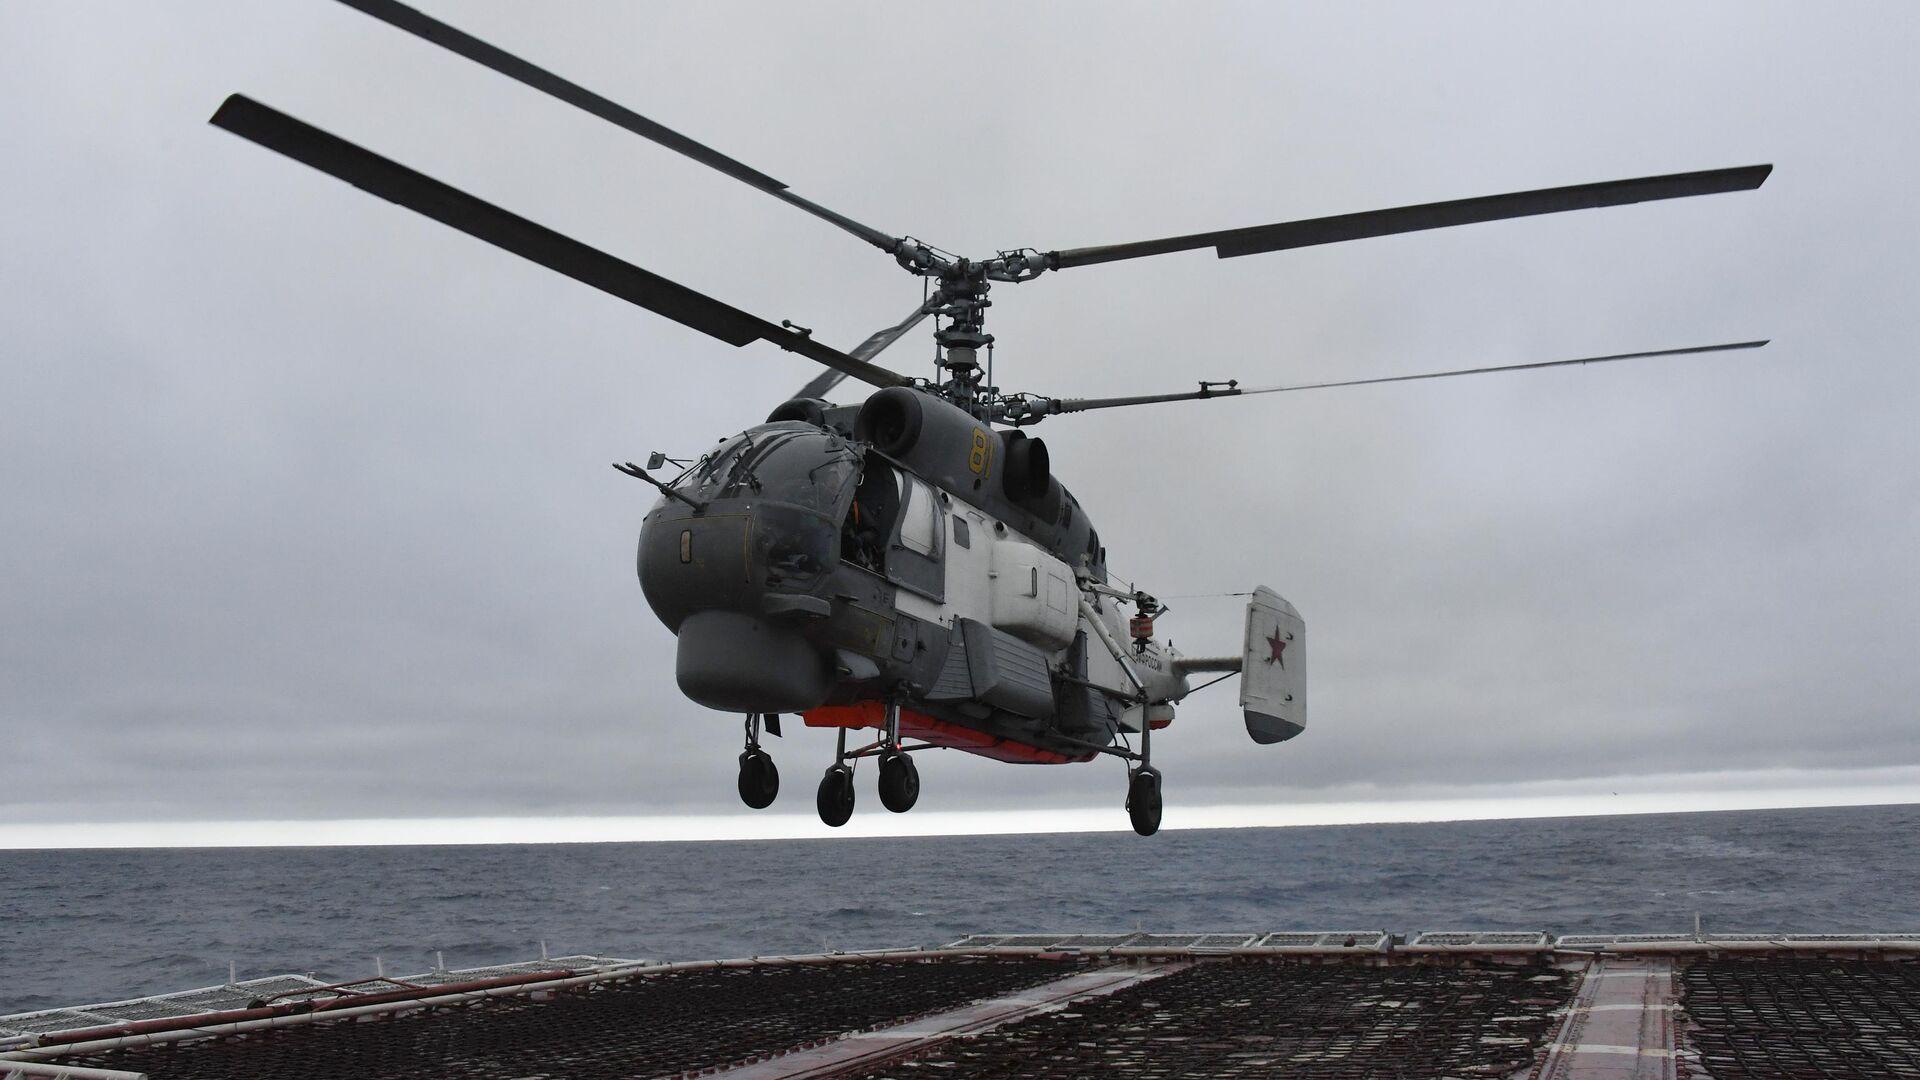 Вертолет Ка-27 во время совместных учений по поиску и спасению на море Сарекс-2019  - РИА Новости, 1920, 28.02.2021